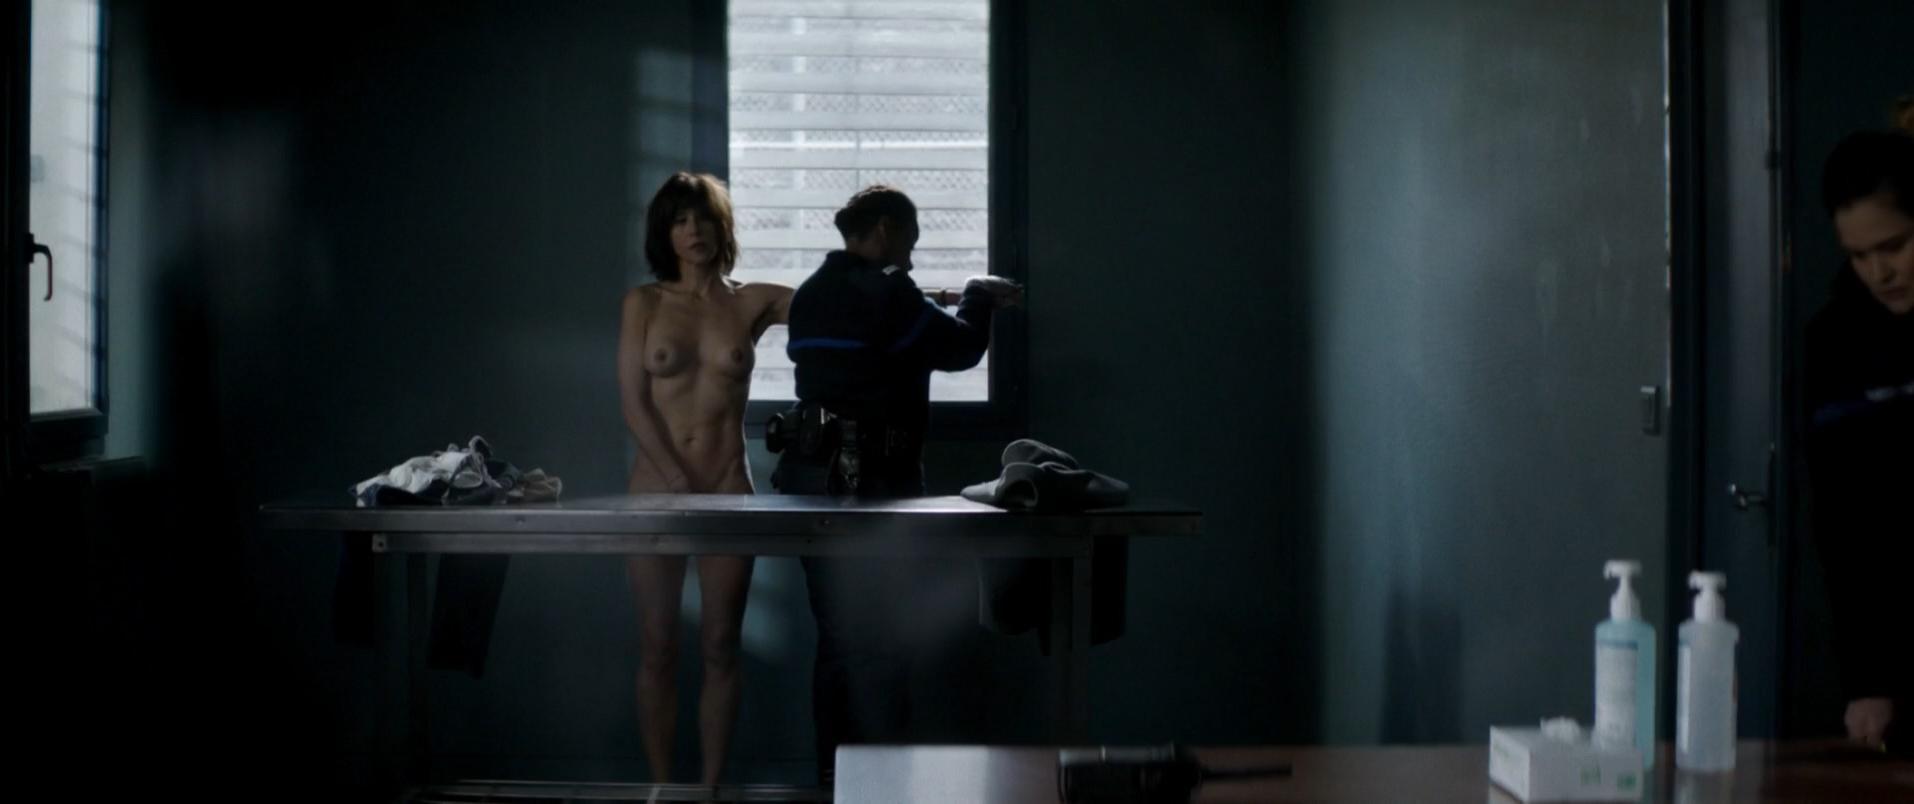 Sophie Marceau nude - La Taularde (2016)